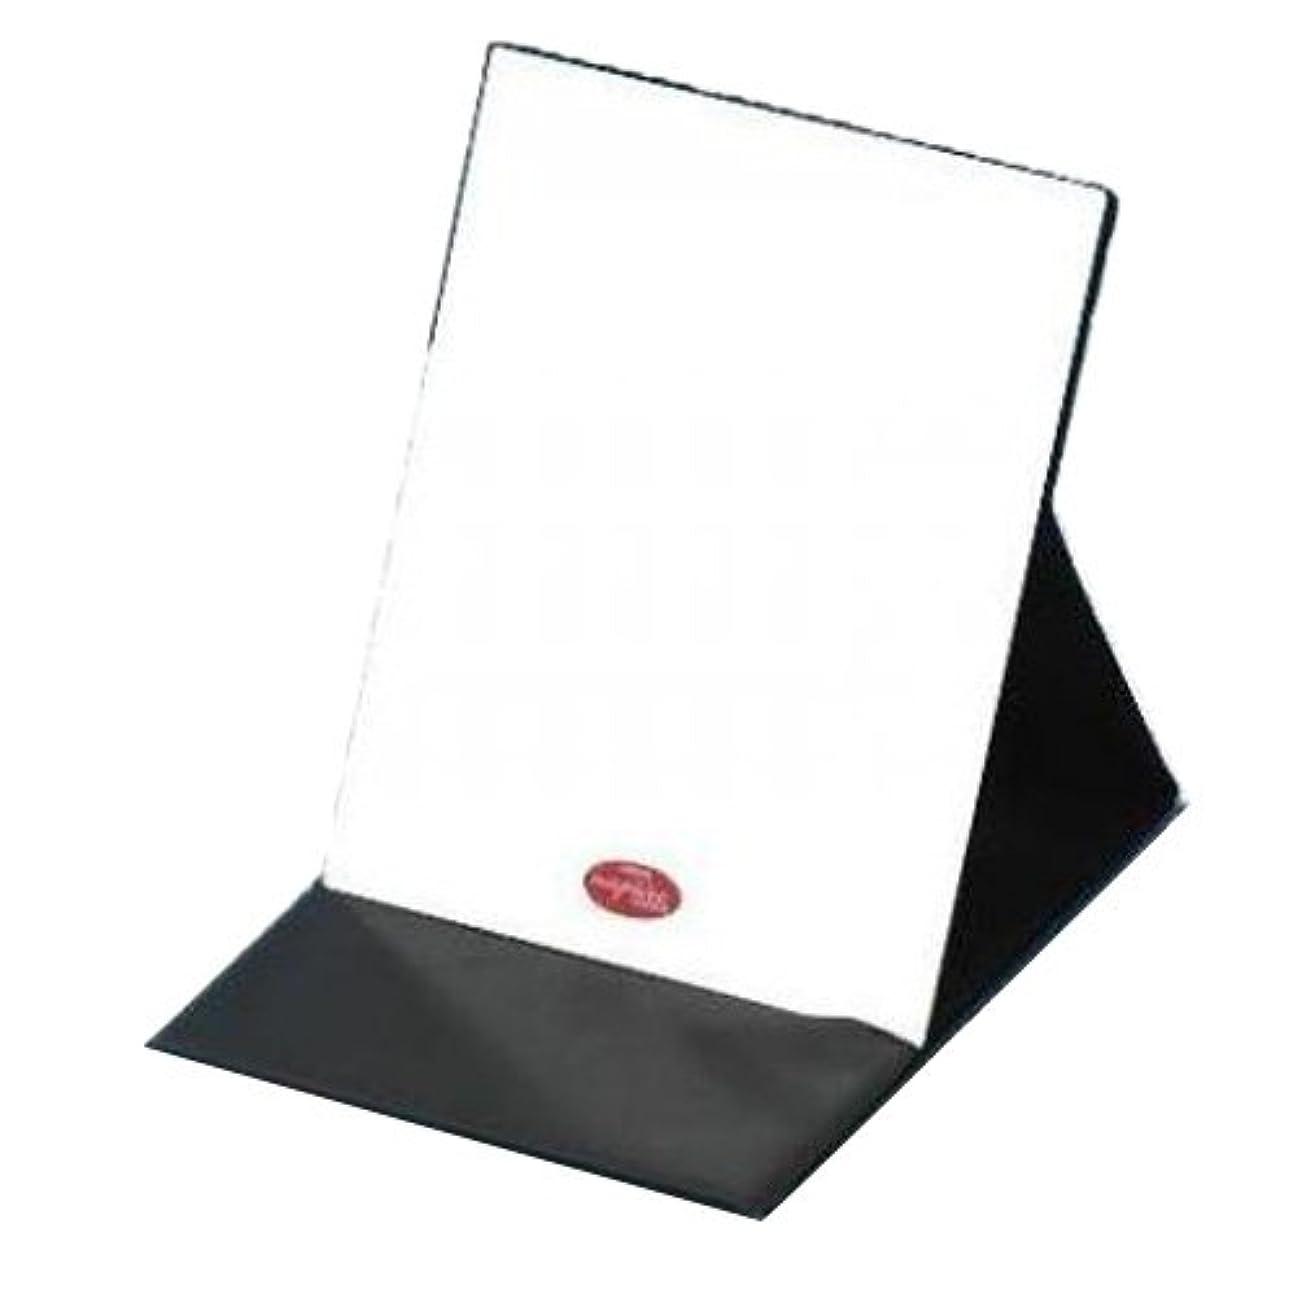 合金悔い改め急降下HP-43 ナピュア プロモデル拡大鏡付き折立ミラー(L)